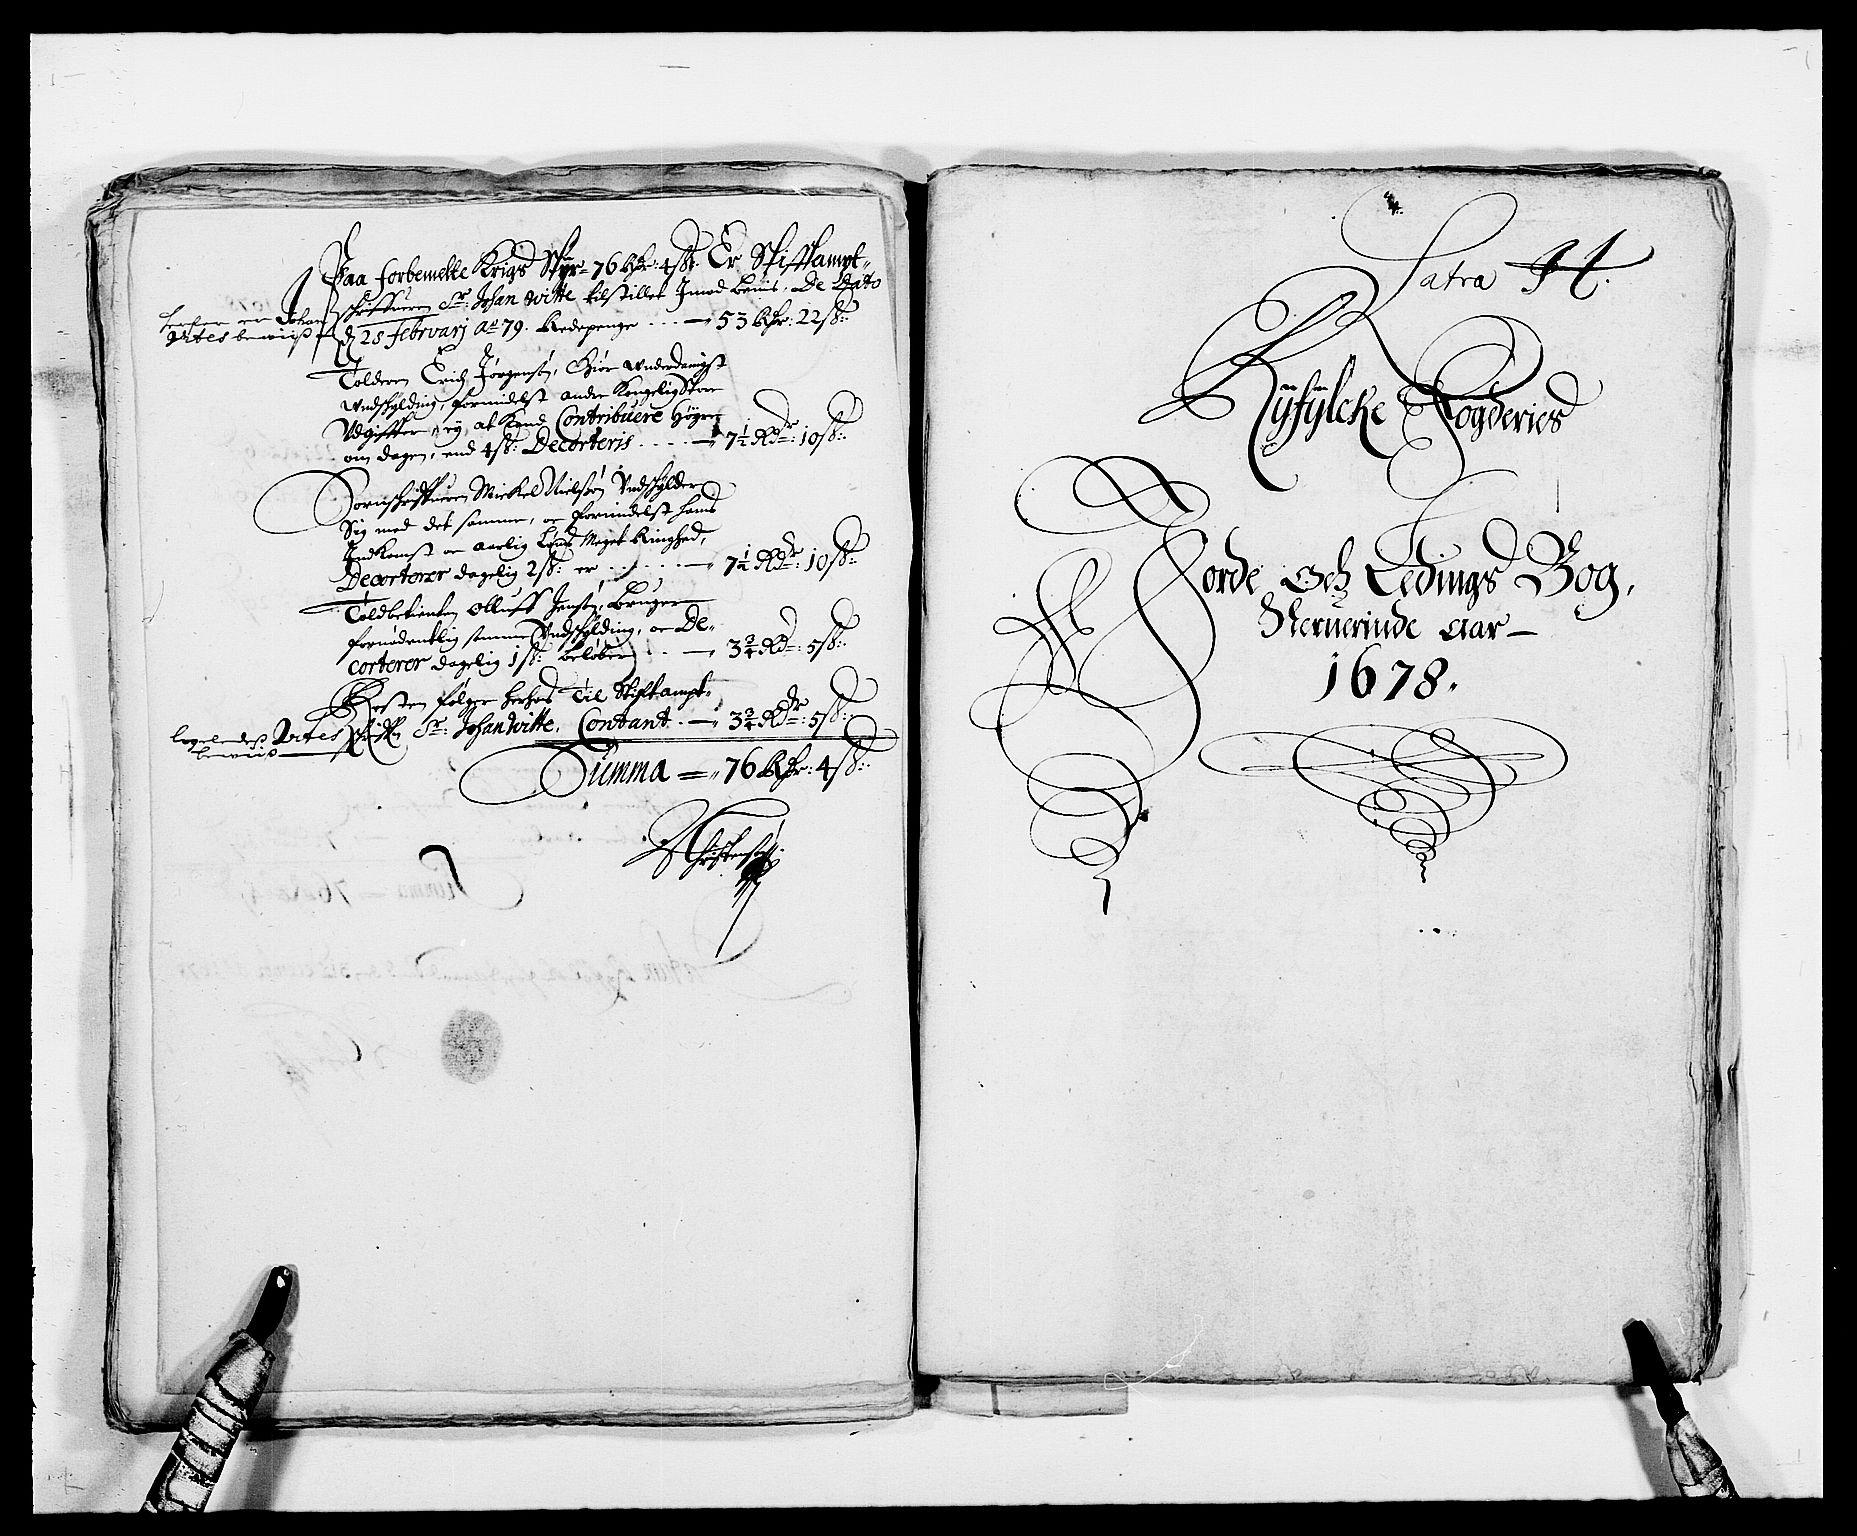 RA, Rentekammeret inntil 1814, Reviderte regnskaper, Fogderegnskap, R47/L2848: Fogderegnskap Ryfylke, 1678, s. 247